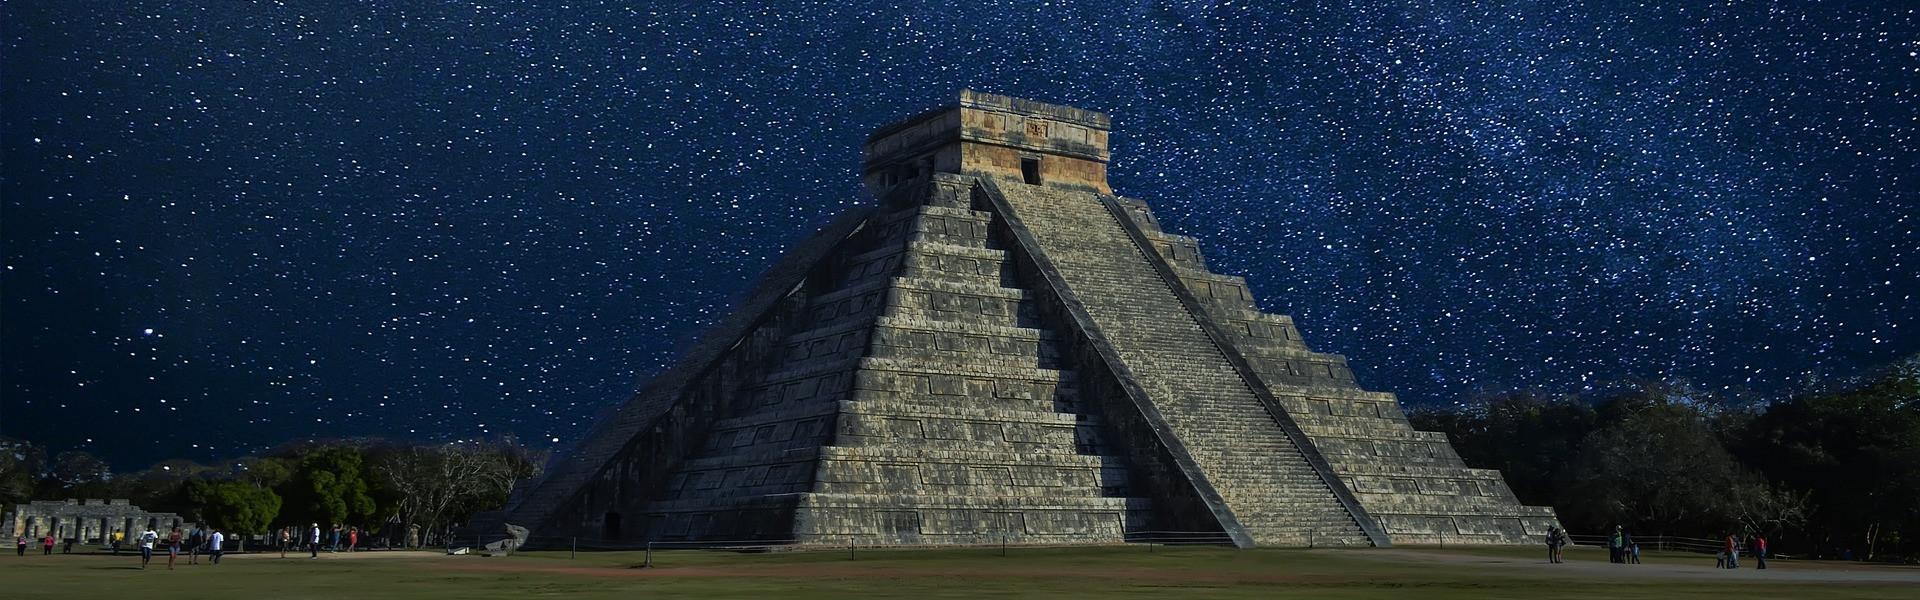 Destination image of Mexique